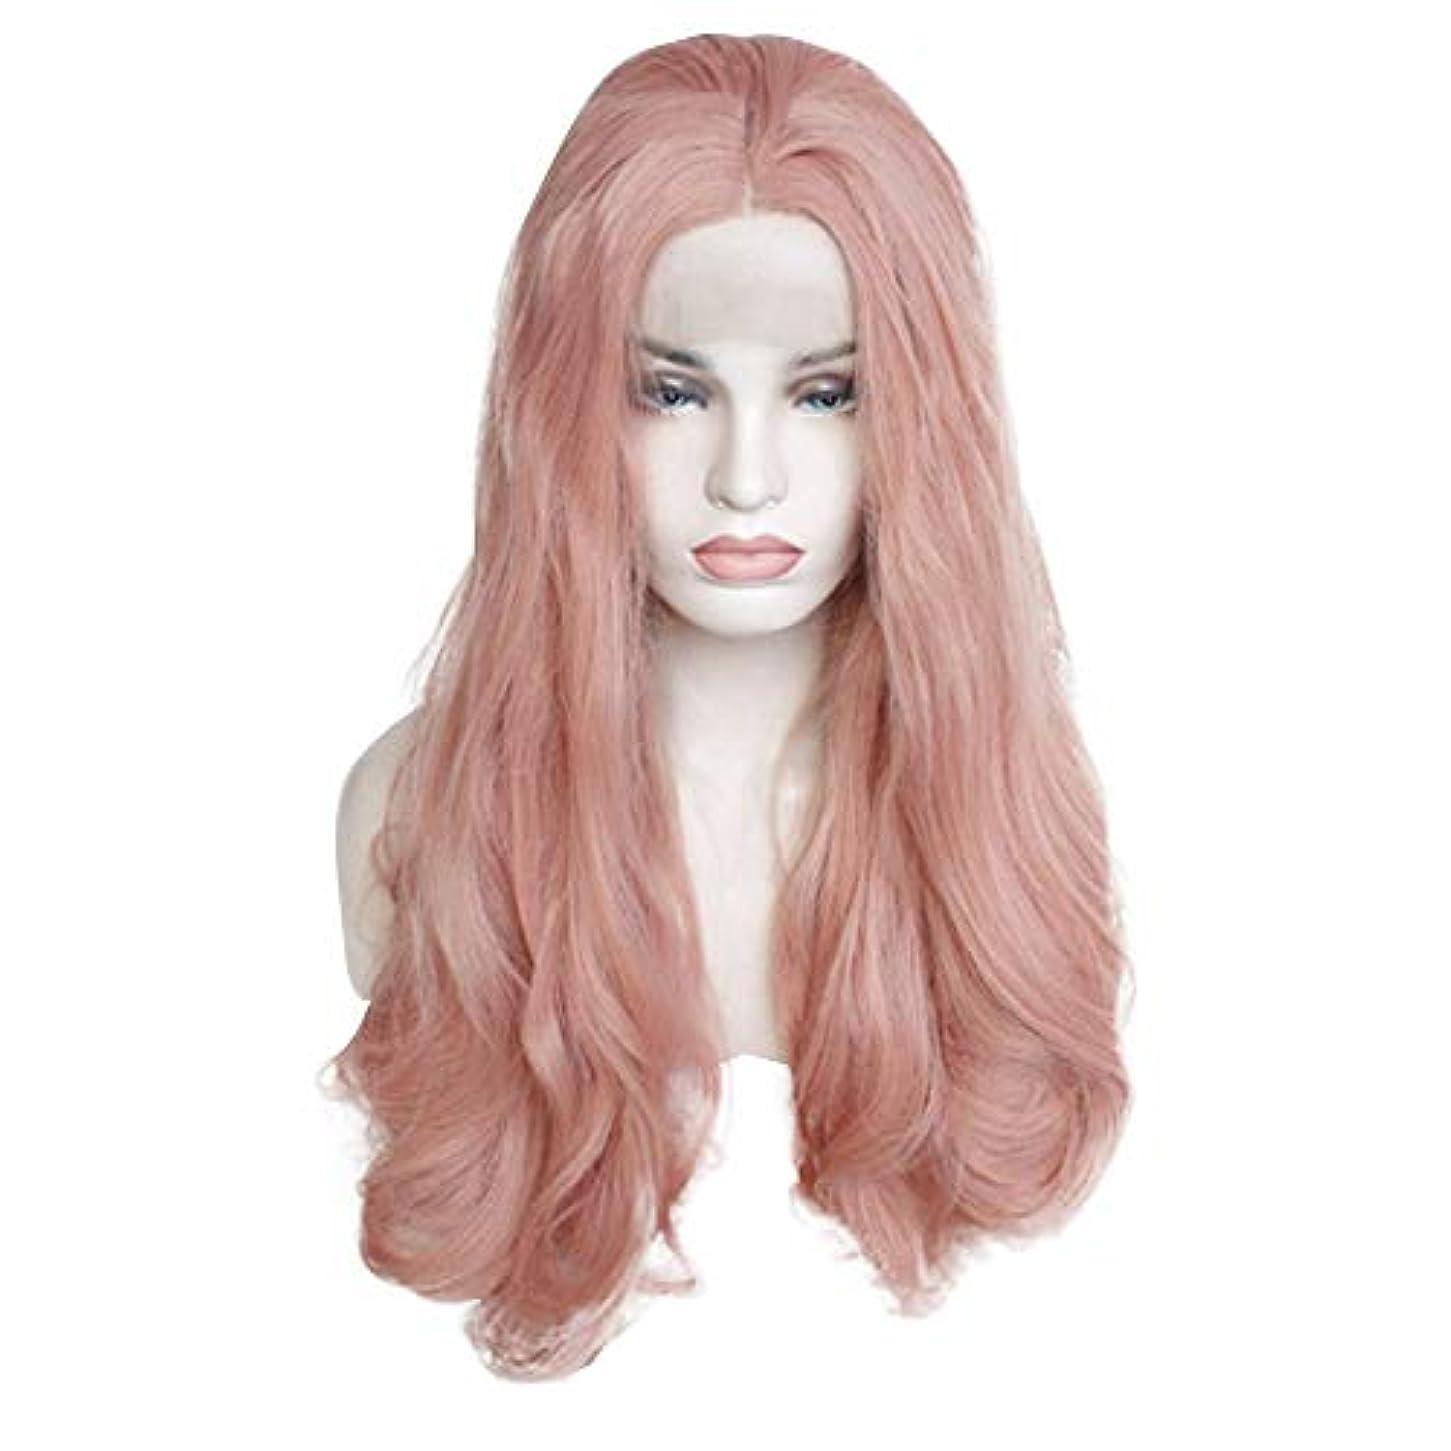 封筒本気なぞらえる女性のためのピンクのかつら、女性のためのファッションロングカーリーウィッグスモールウェーブウィッグとして自然な日常のコスプレ衣装のかつらかつら